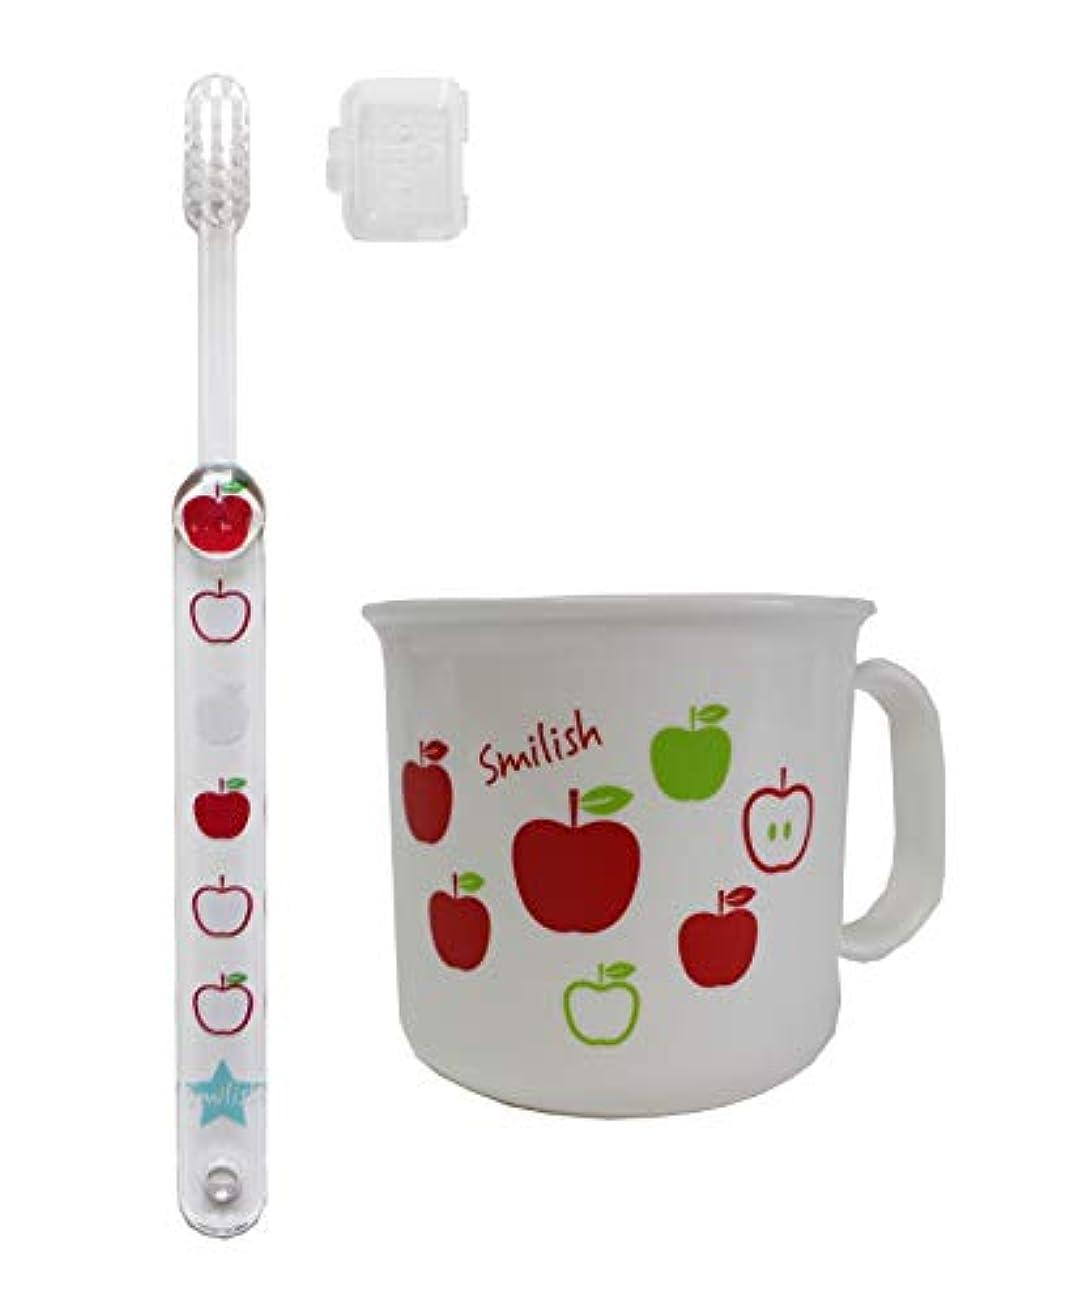 見ましたファーザーファージュミル子ども歯ブラシ(キャップ付き) 耐熱コップセット アップル